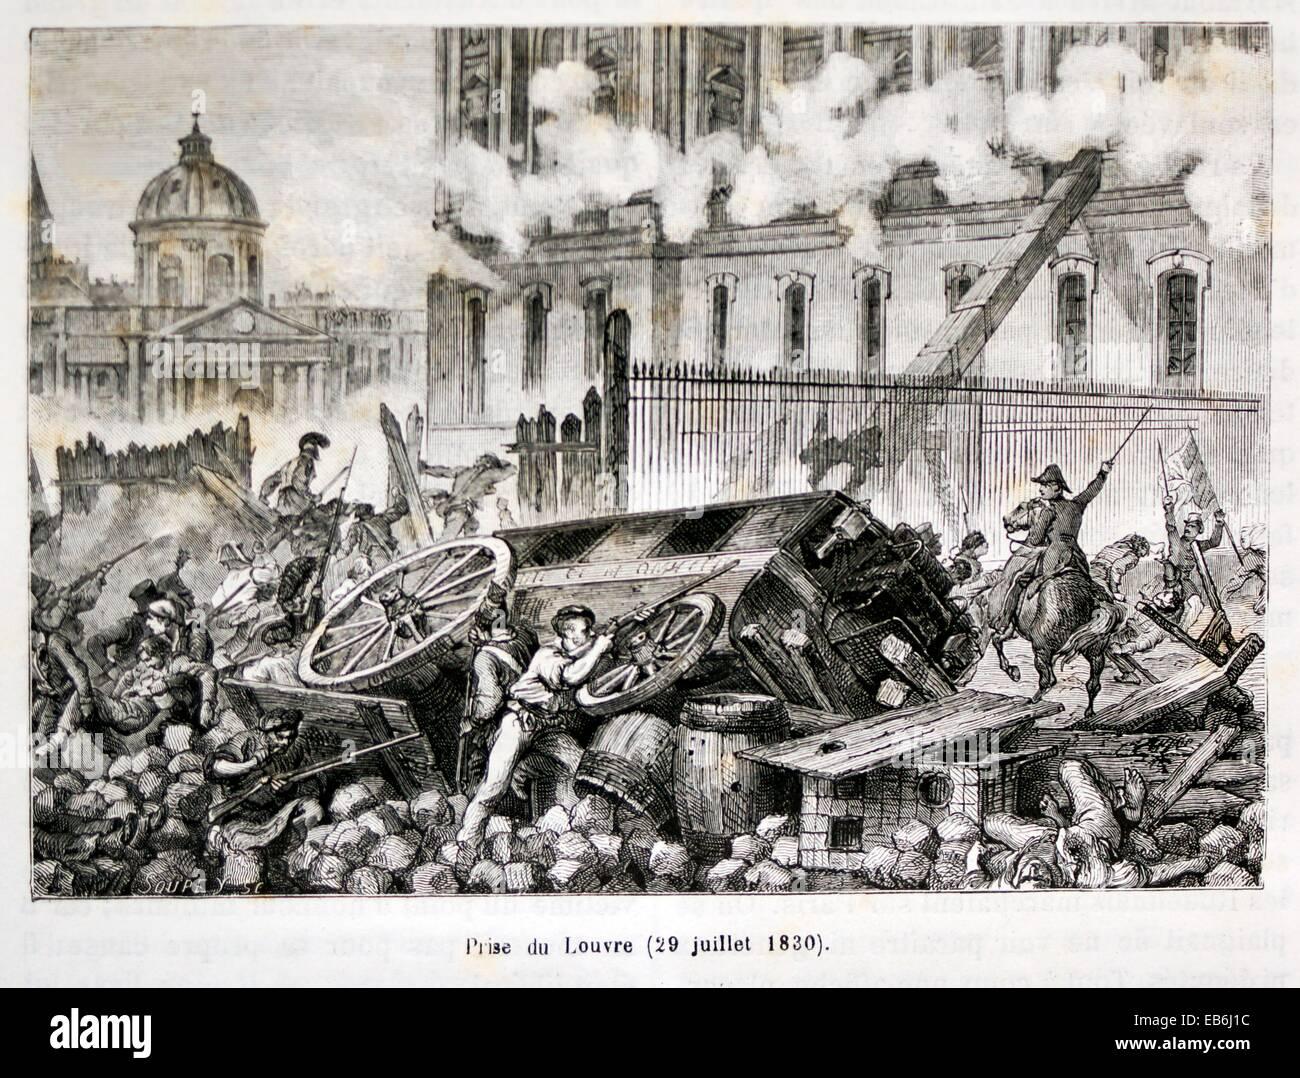 Prise du Louvre (29 July 1830), Paris, France - Stock Image